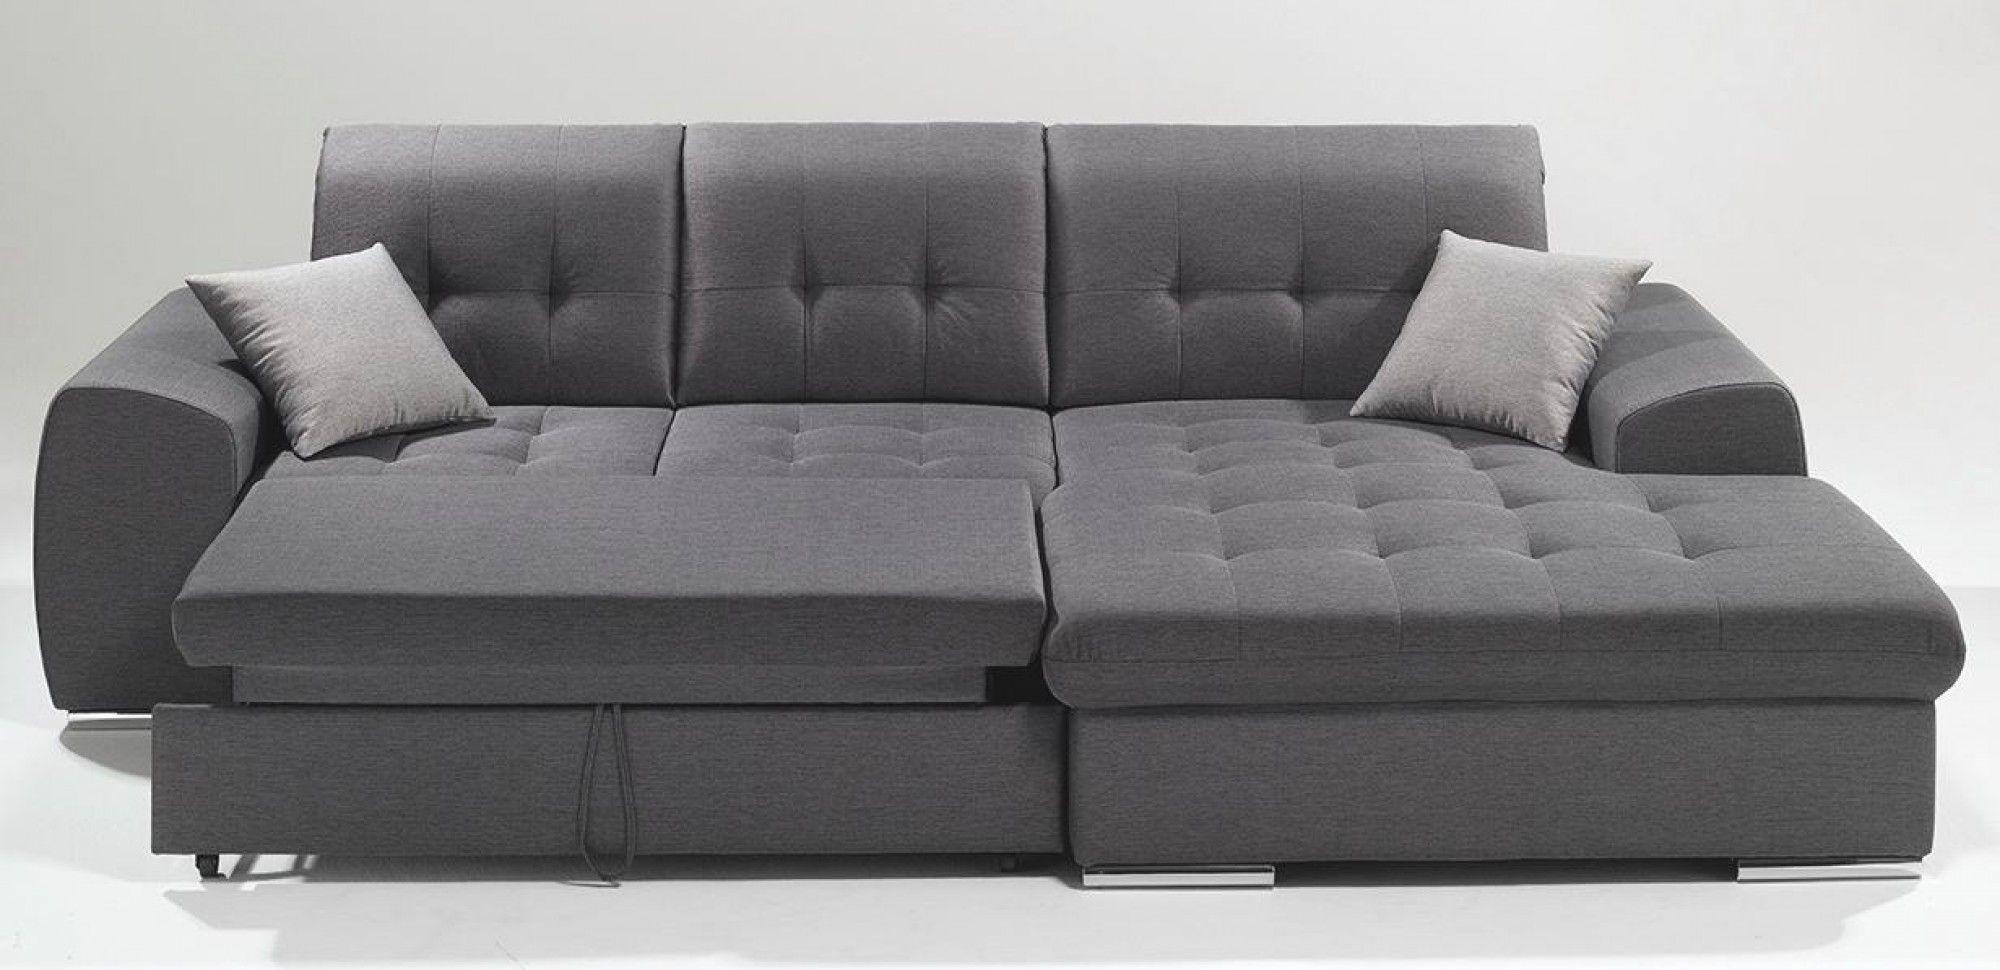 Funktionsecke Swing Grau Online Bei Poco Kaufen Modernes Sofa Wolle Kaufen Polsterecke